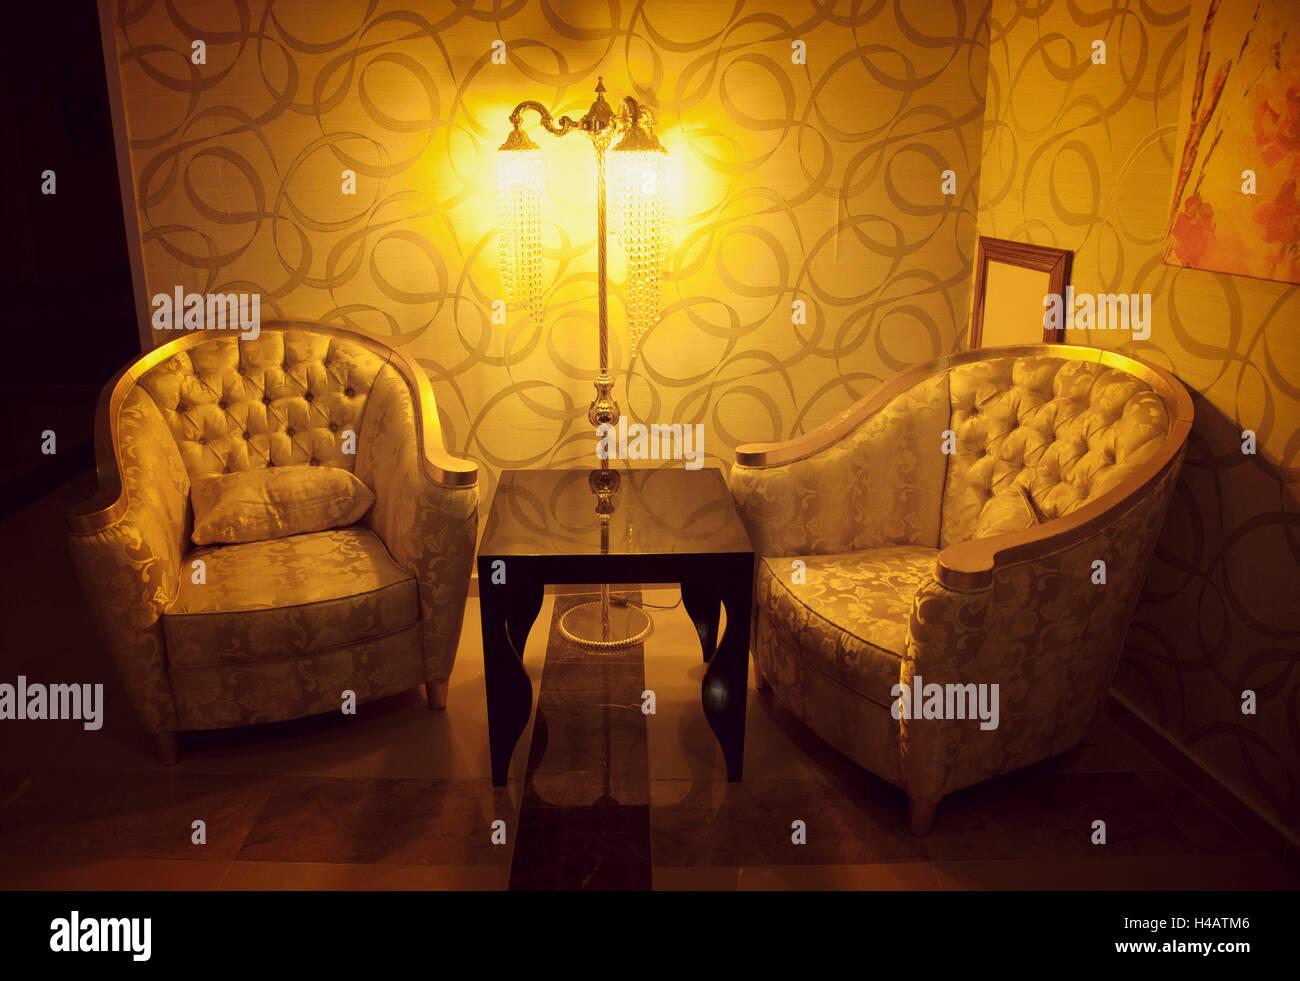 Turkey, Antalya, hotel, indoor photo, lamp, armchair - Stock Image